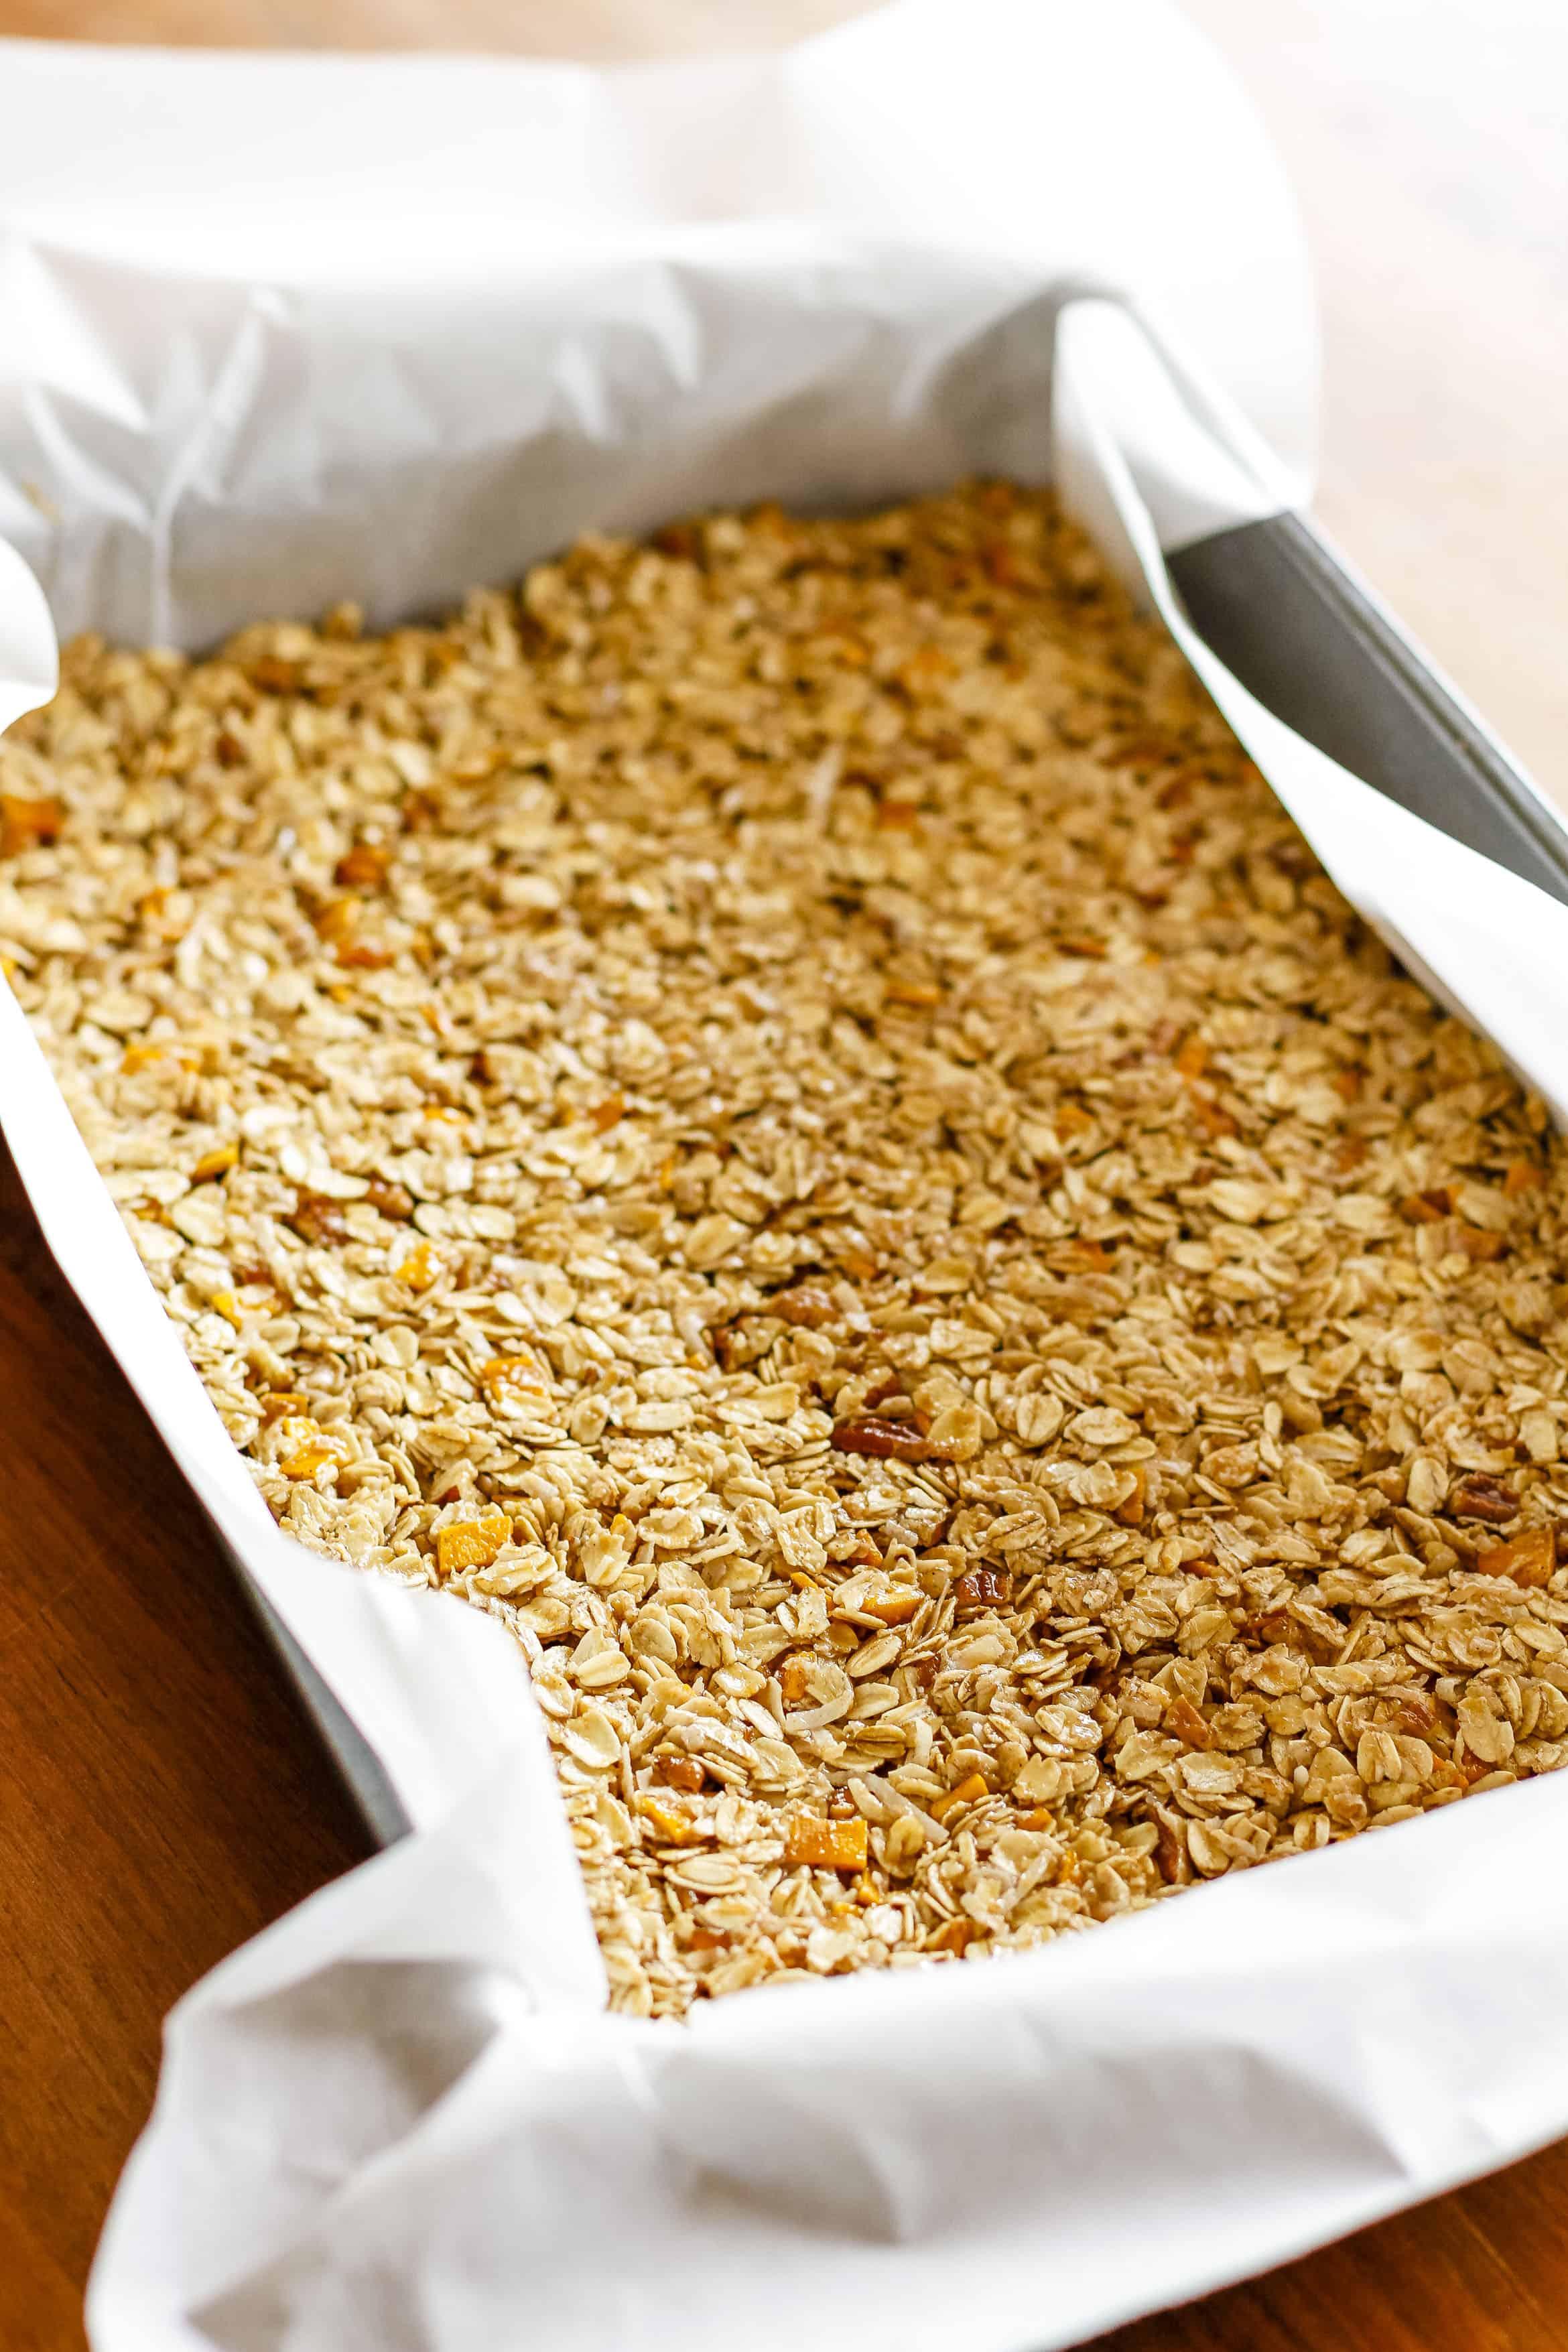 Crunchy Homemade Granola Bars Recipe | Unsophisticook